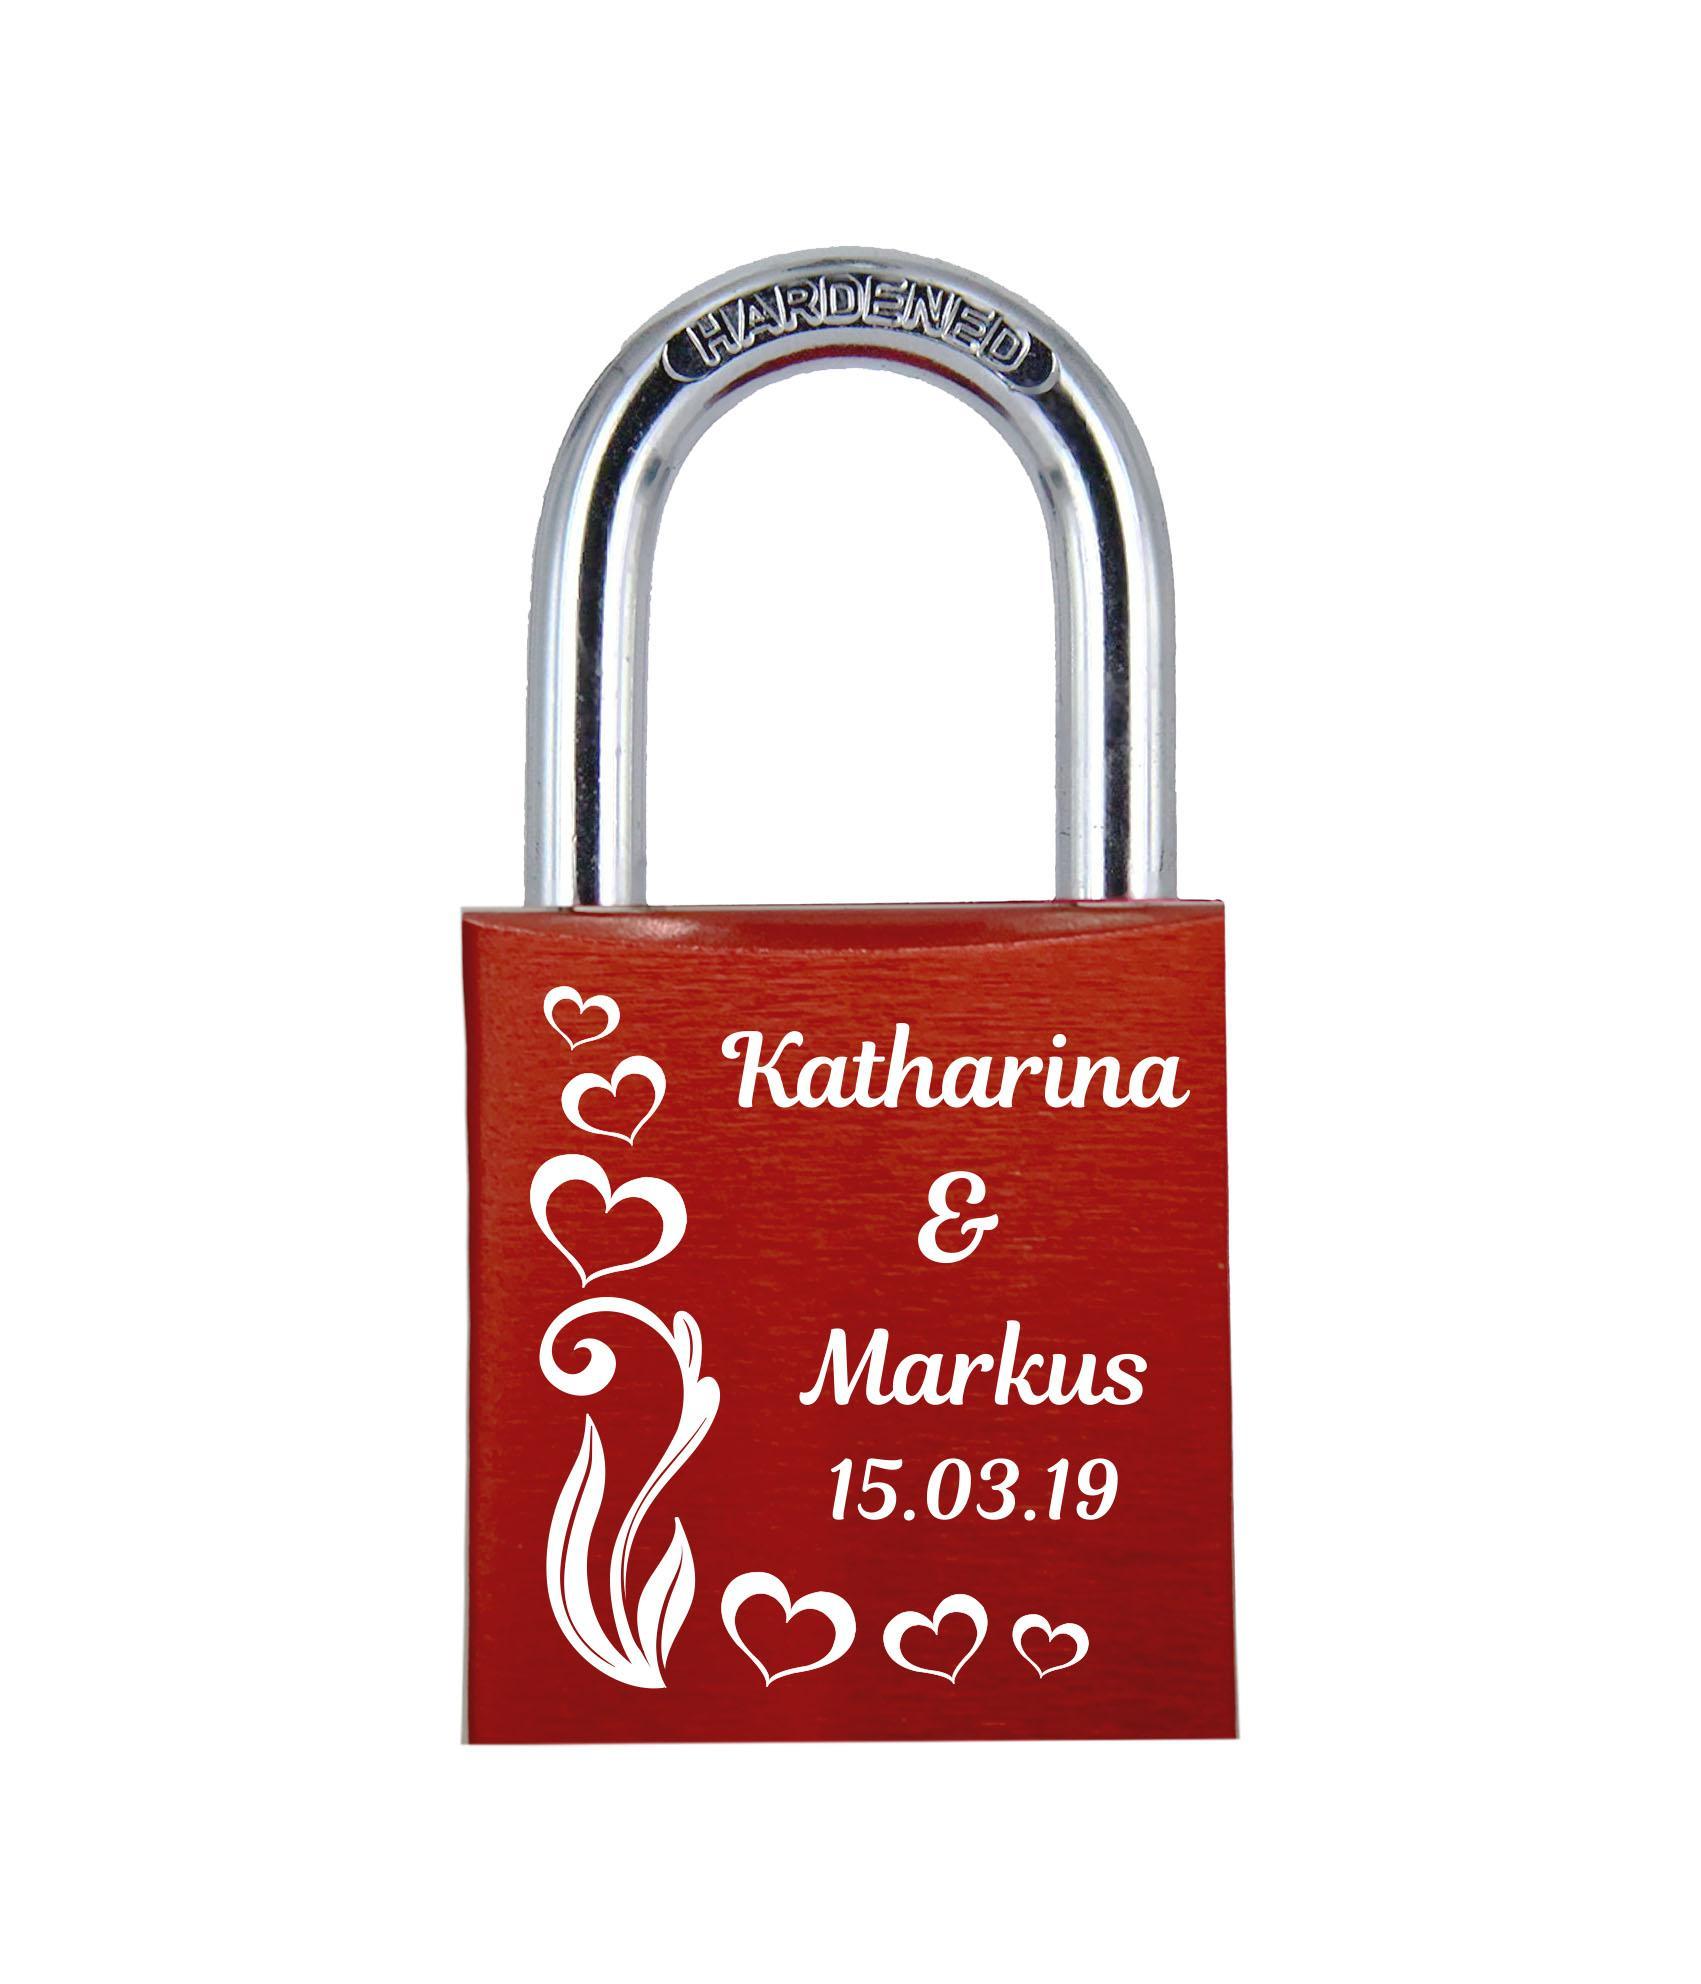 ELUNO Liebesschloss mit Deinem Namen, Datum und Verzierung mit Herzen! Farbe: Rot Motiv: M017